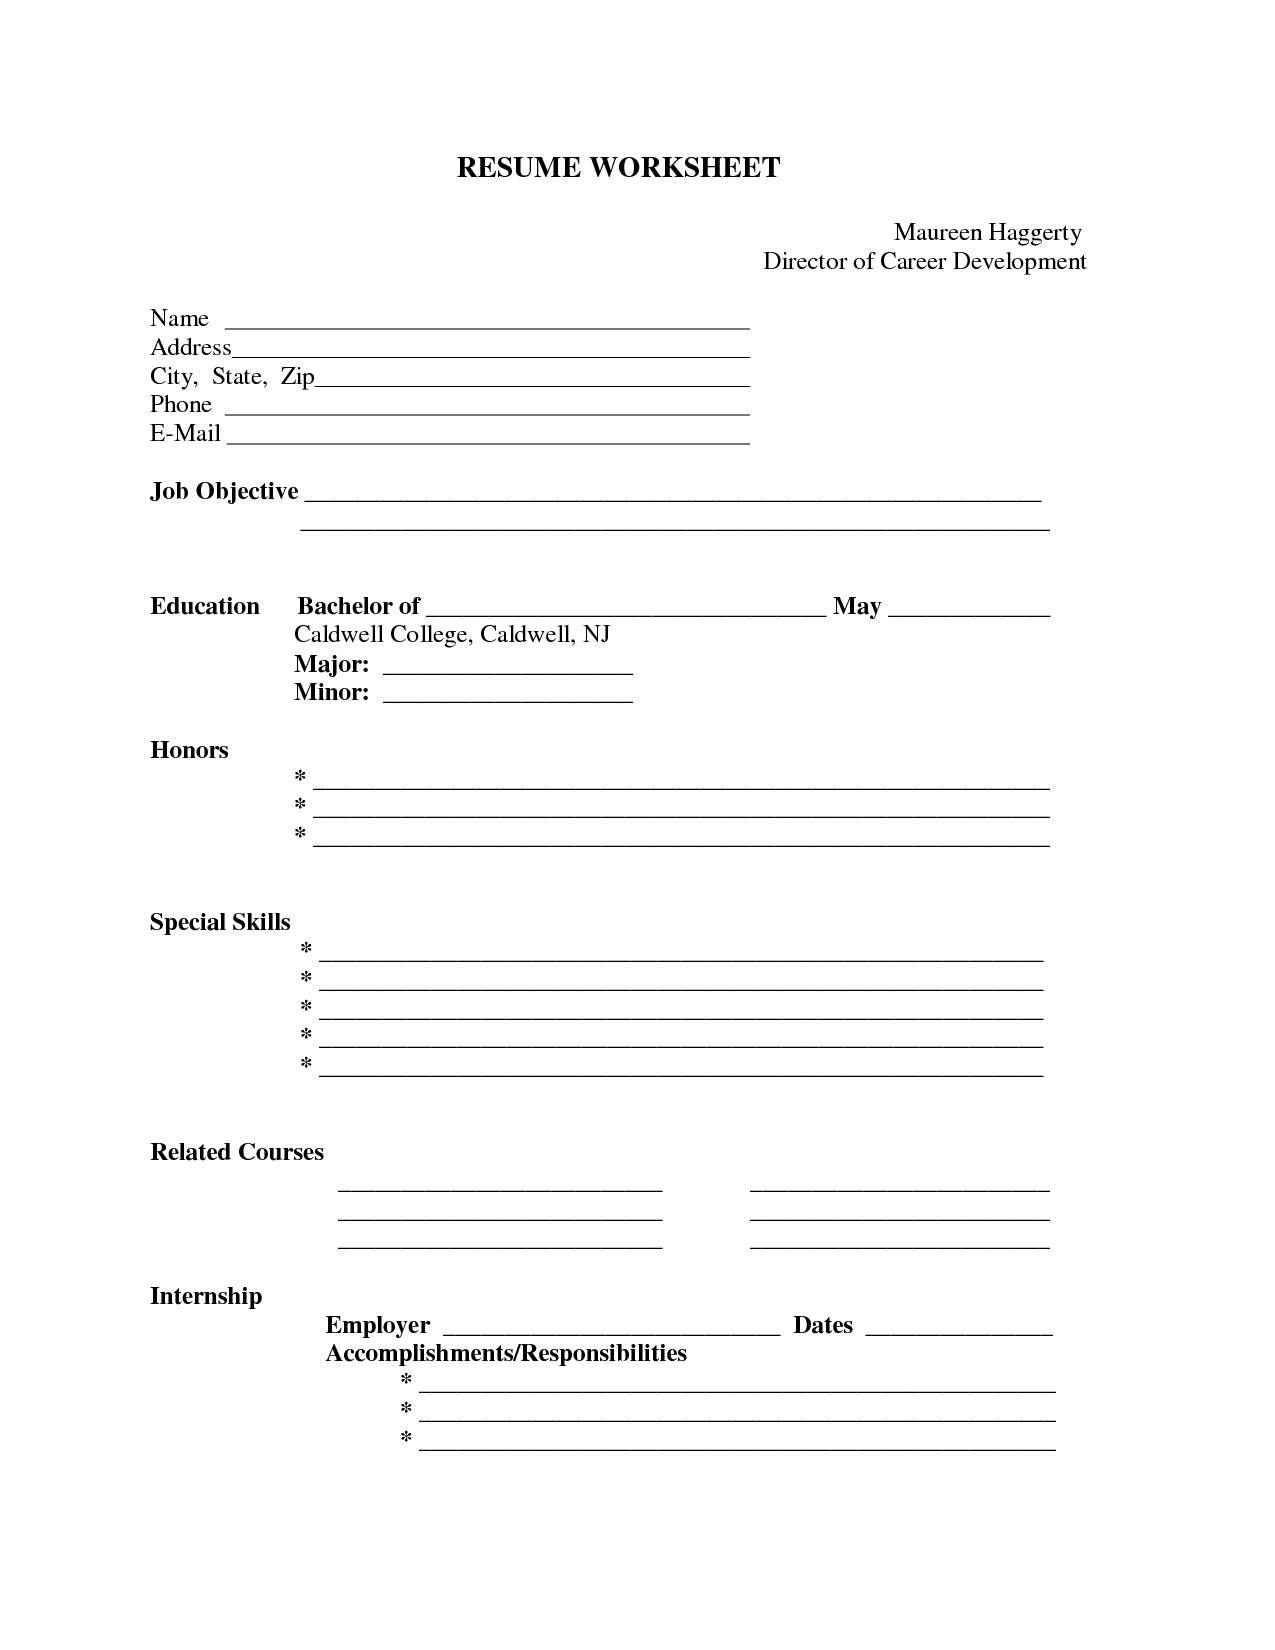 Pinresumejob On Resume Job | Free Printable Resume Templates - Free Printable Professional Resume Templates